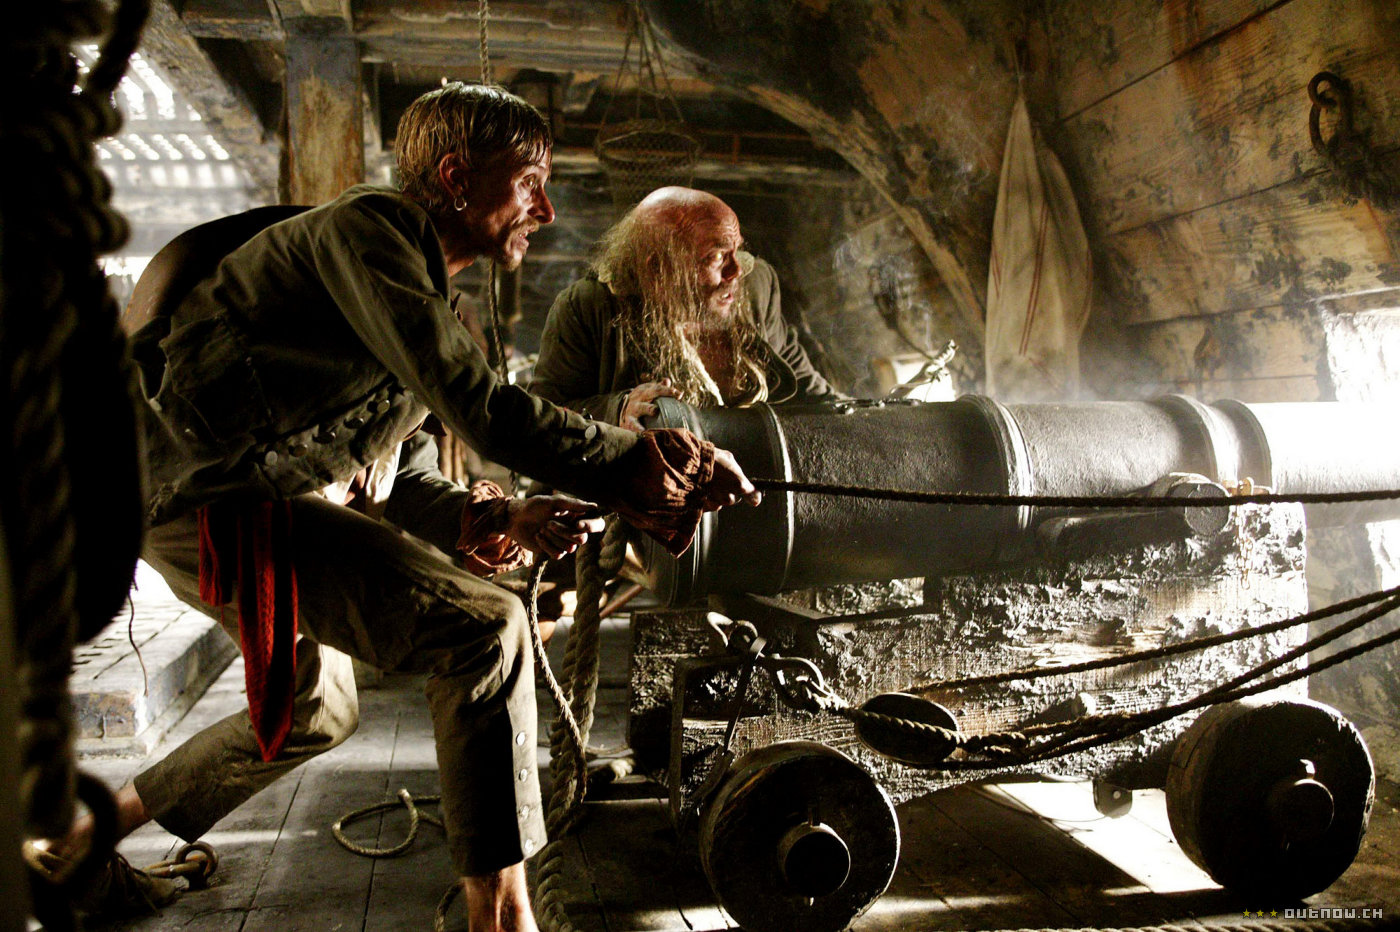 кадры из фильма Пираты Карибского моря: Сундук мертвеца Маккензи Крук, Ли Арэнберг,